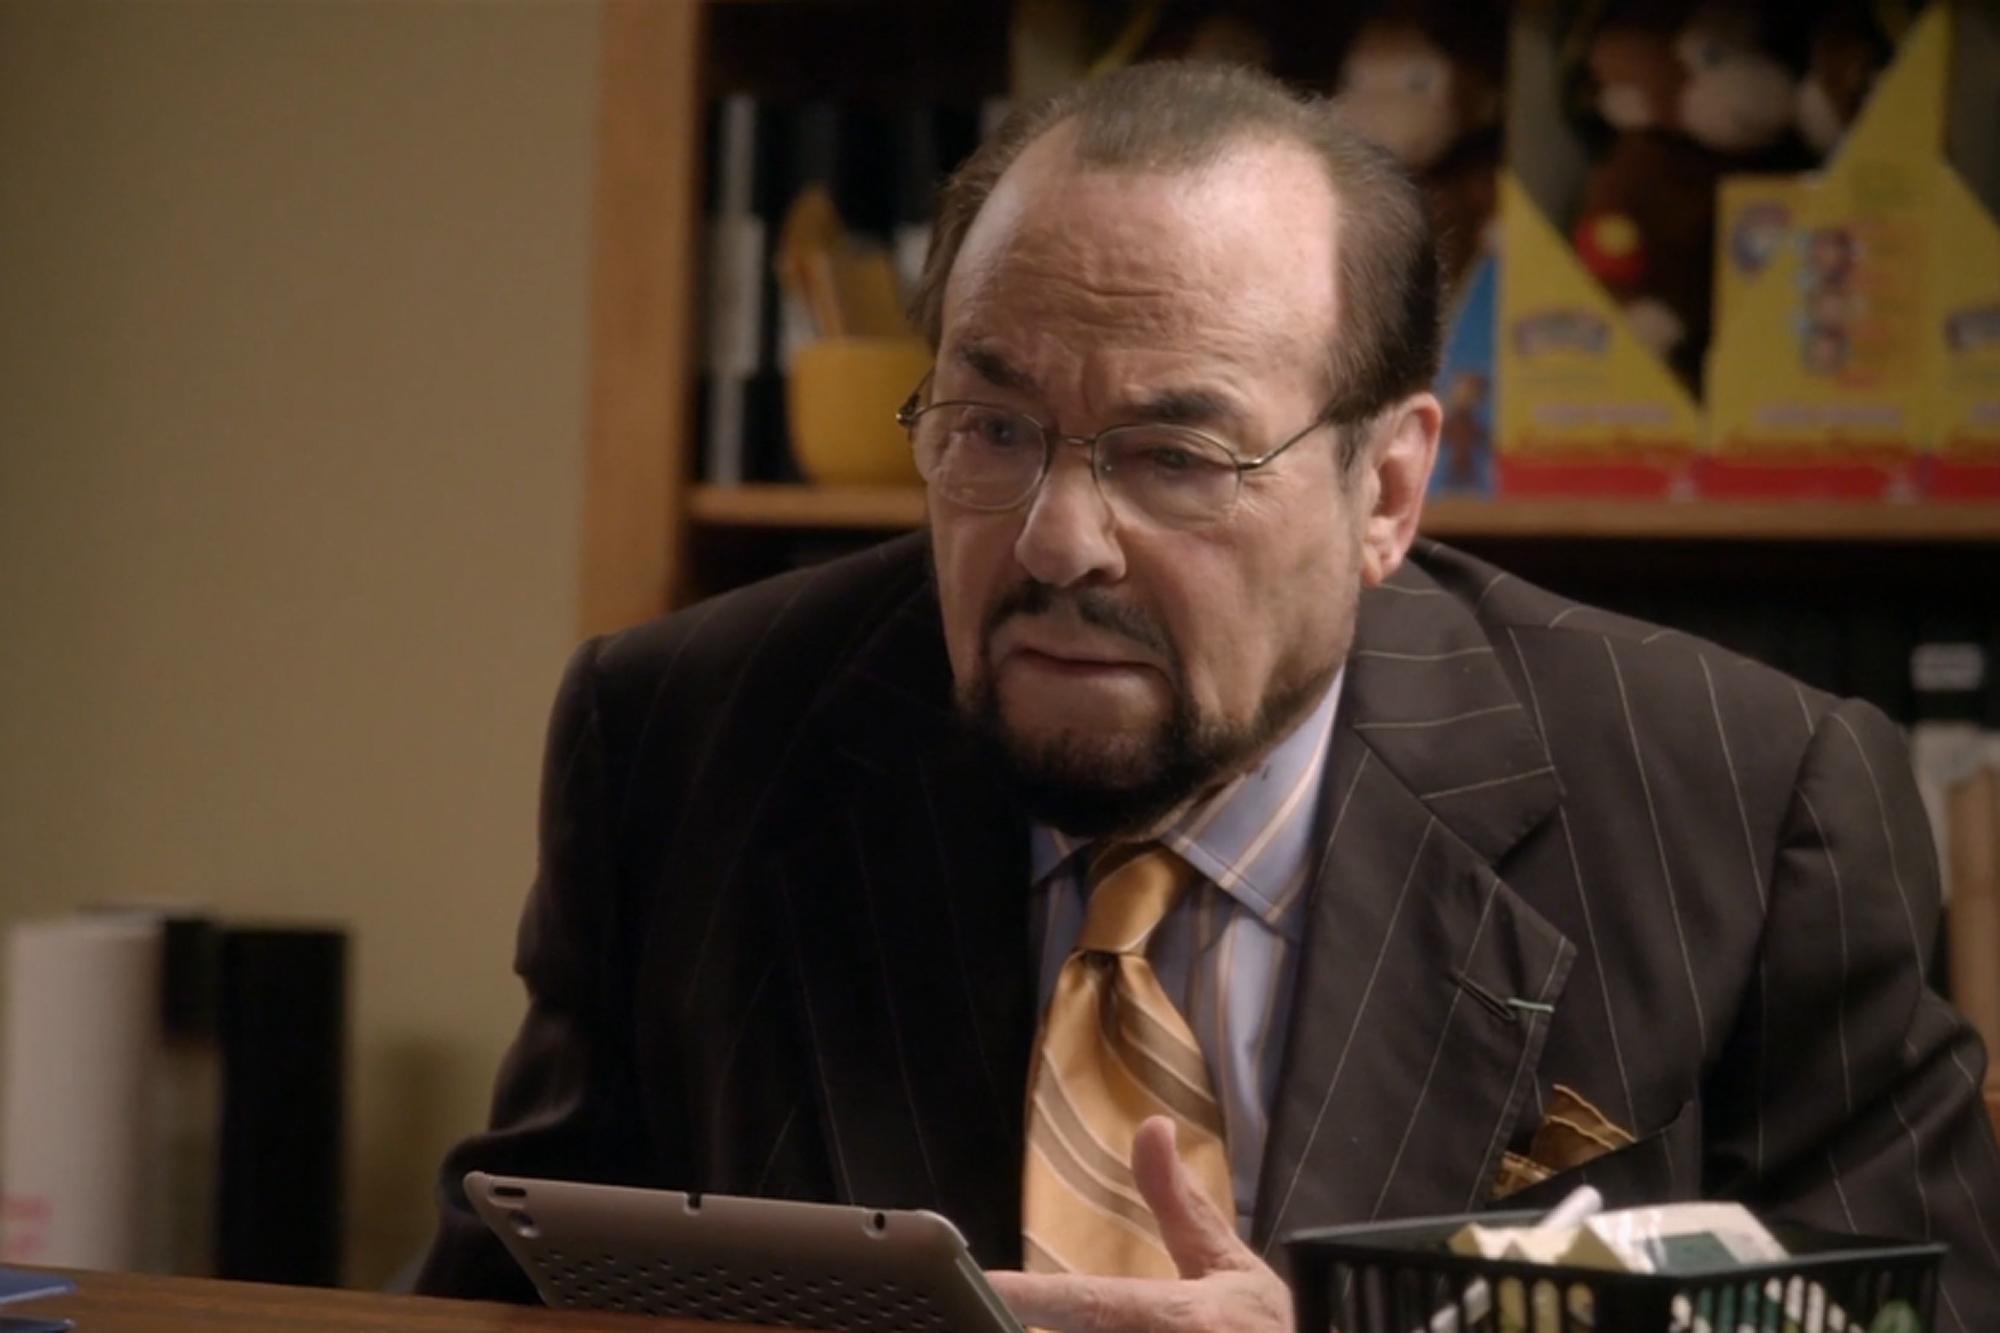 James Lipton as Stefan Gentles in Arrested Development